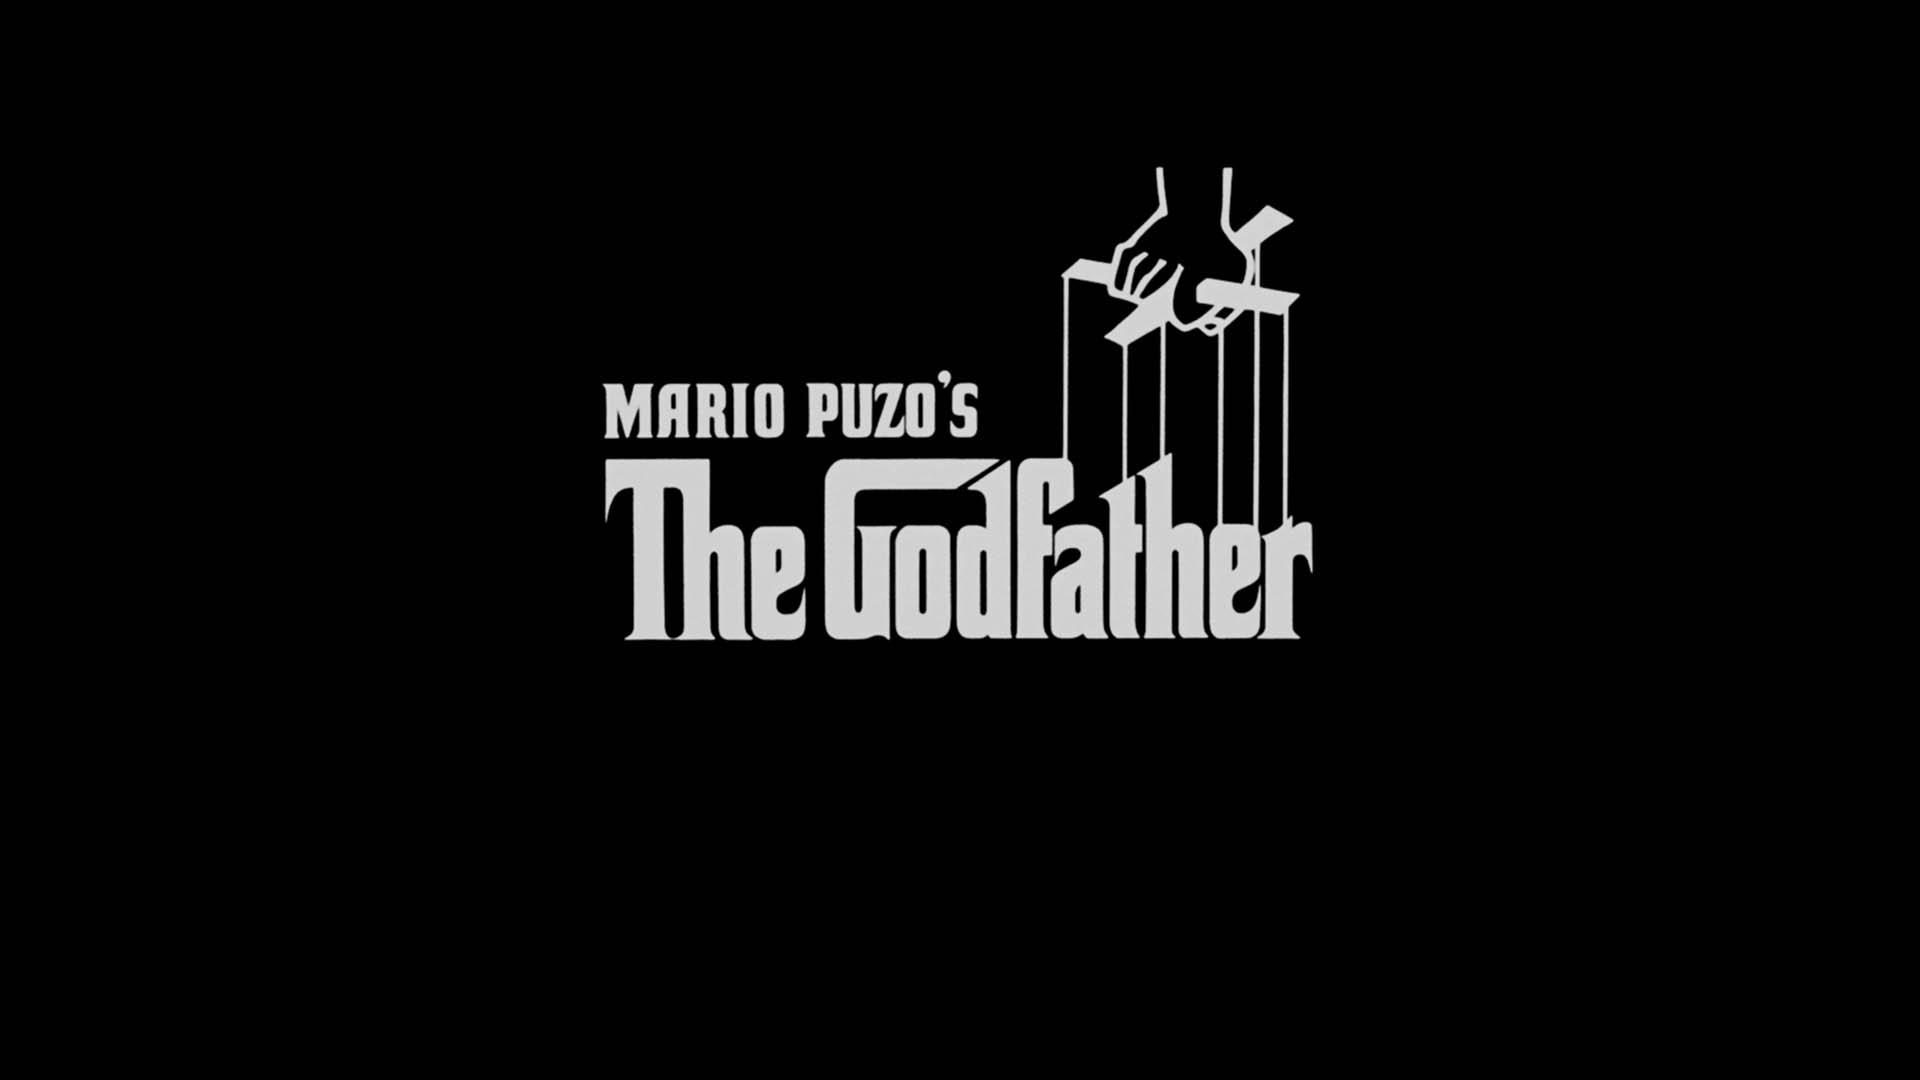 The Godfather opening logo